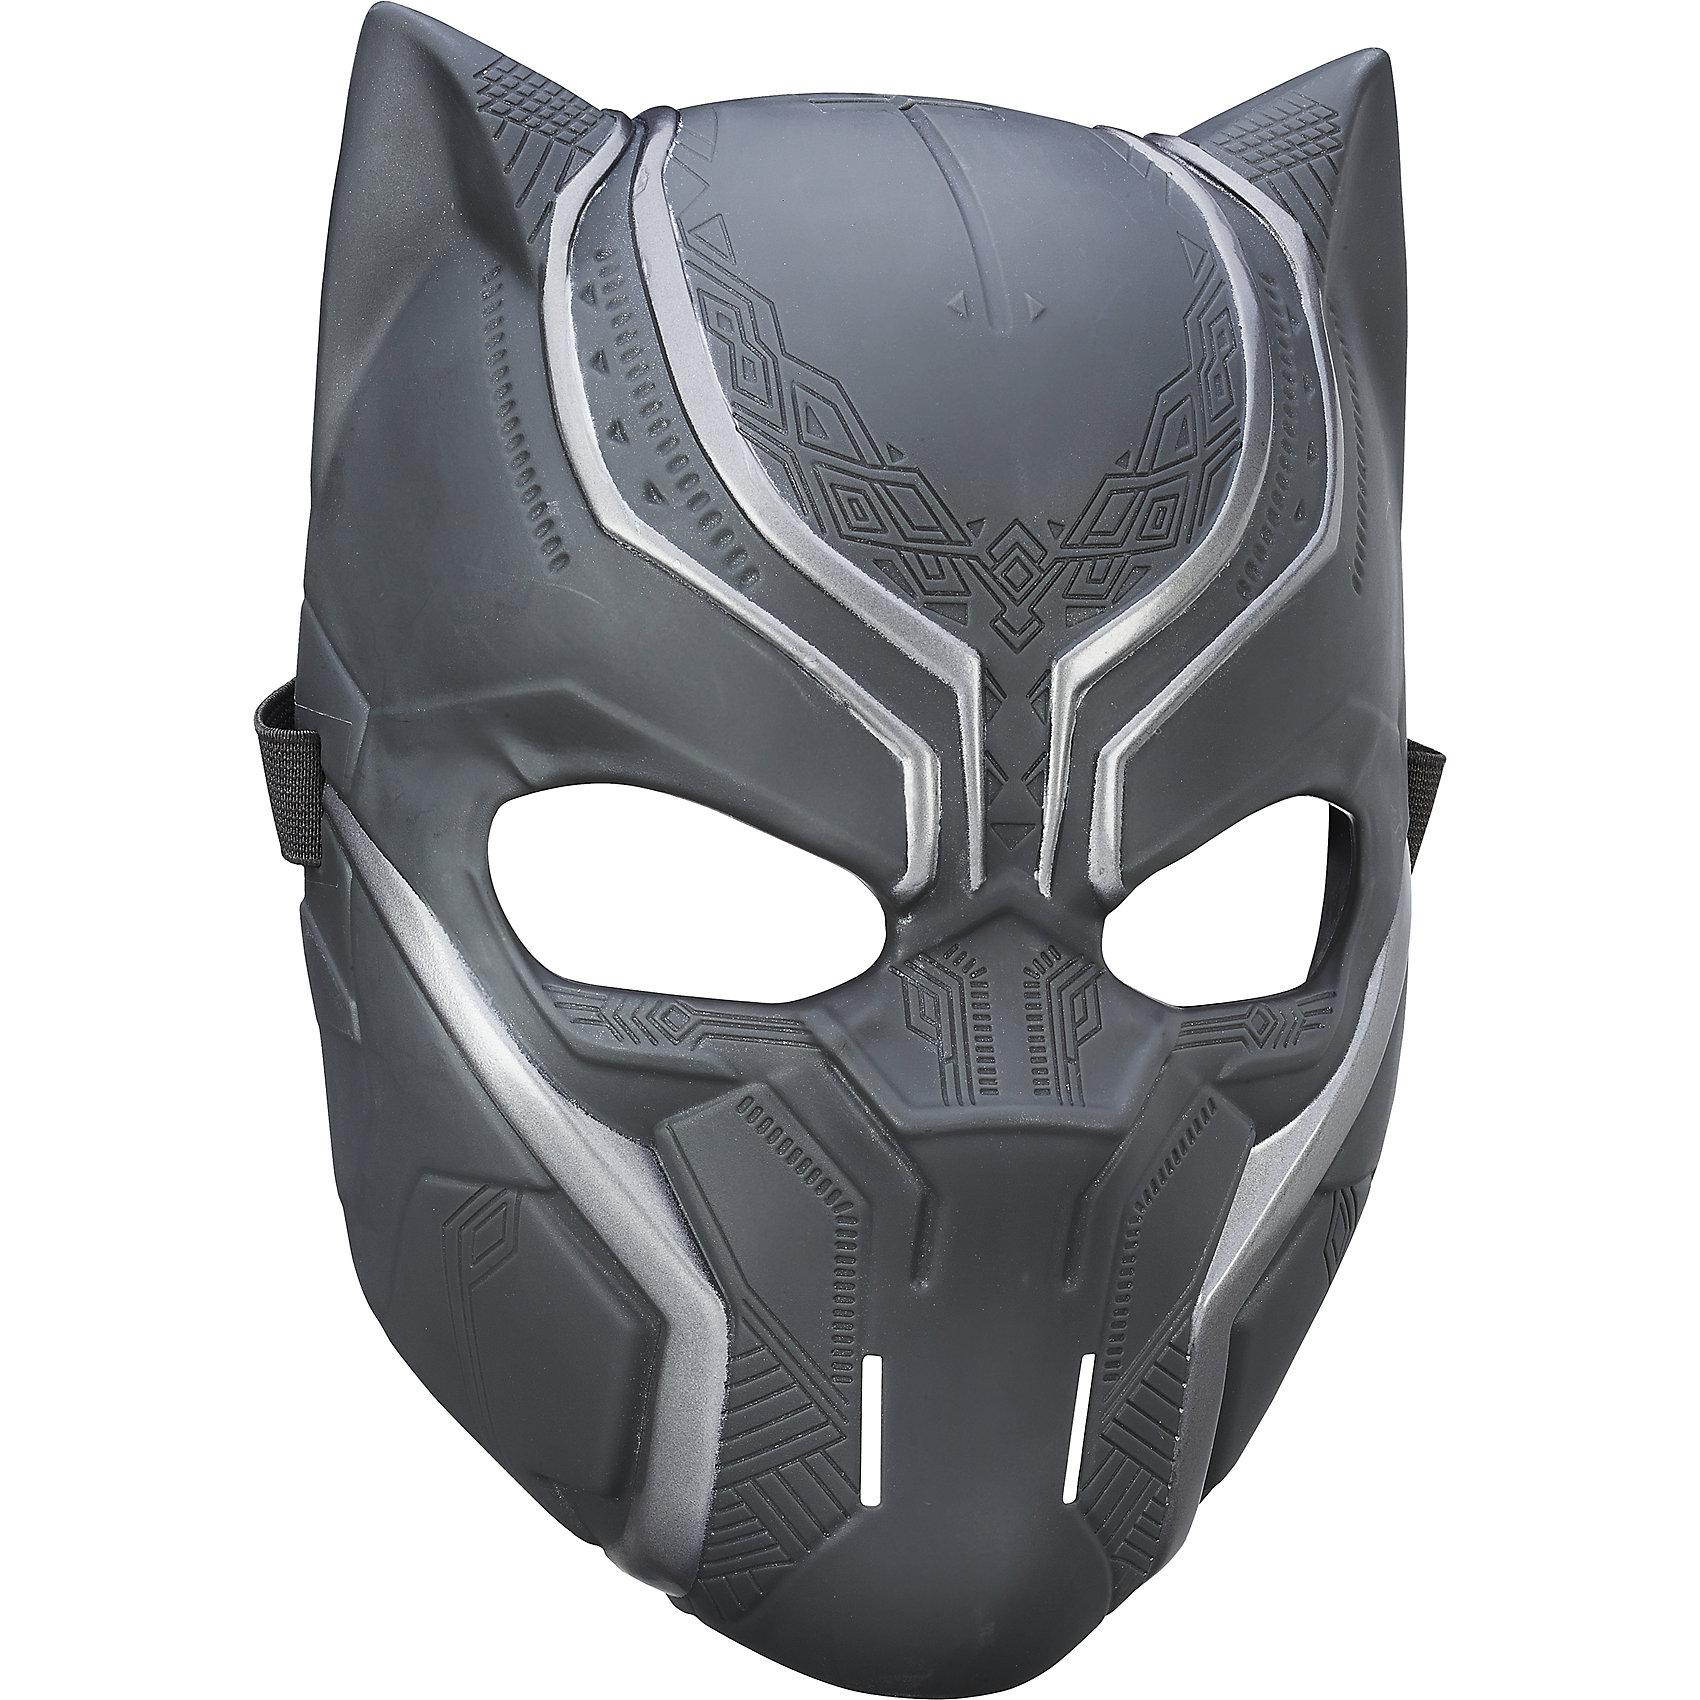 Маска Avengers Первый Мститель Черная Пантера (Black Panther)Маски и карнавальные костюмы<br>Характеристики Маски Мстители Avengers Black Panther (Черная Пантера):<br><br> - герои мультфильмов: Avengers Black Panther Черная Пантера <br> - возраст: от 4 лет<br> - пол: для мальчиков<br> - размер упаковки: 19 * 11 * 30 см<br> - комплектация: маска<br><br>Маска Avengers Black Panther (Черная Пантера) торговой компании Hasbro (Хасбо) создана точь – в – точь со своим киношным прототипом, поэтому непременно понравится мальчишкам и будет отличным дополнением к ролевым играм про Мстителей. Она изображает одного из персонажей этой серии – Черную пантеру (Avengers Black Panther)<br>Защитник Адской кухни, обладатель сверхспособностей: может поднимать большой вес, развивать скорость до 56 км/час. А благодаря повешенной регенерации, герой Пантера способен быстро исцелить раны, которые для обычных людей стали бы смертельными. Маска крепится на голову ребенка с помощью липучек, а накладки в области глаз и носа обеспечат ее комфортное ношение.<br><br>Маску героя Avengers Black Panther (Черная Пантера) торговой компании Hasbro (Хасбо) можно купить в нашем интернет-магазине.<br><br>Ширина мм: 100<br>Глубина мм: 190<br>Высота мм: 600<br>Вес г: 192<br>Возраст от месяцев: 60<br>Возраст до месяцев: 120<br>Пол: Мужской<br>Возраст: Детский<br>SKU: 5064753